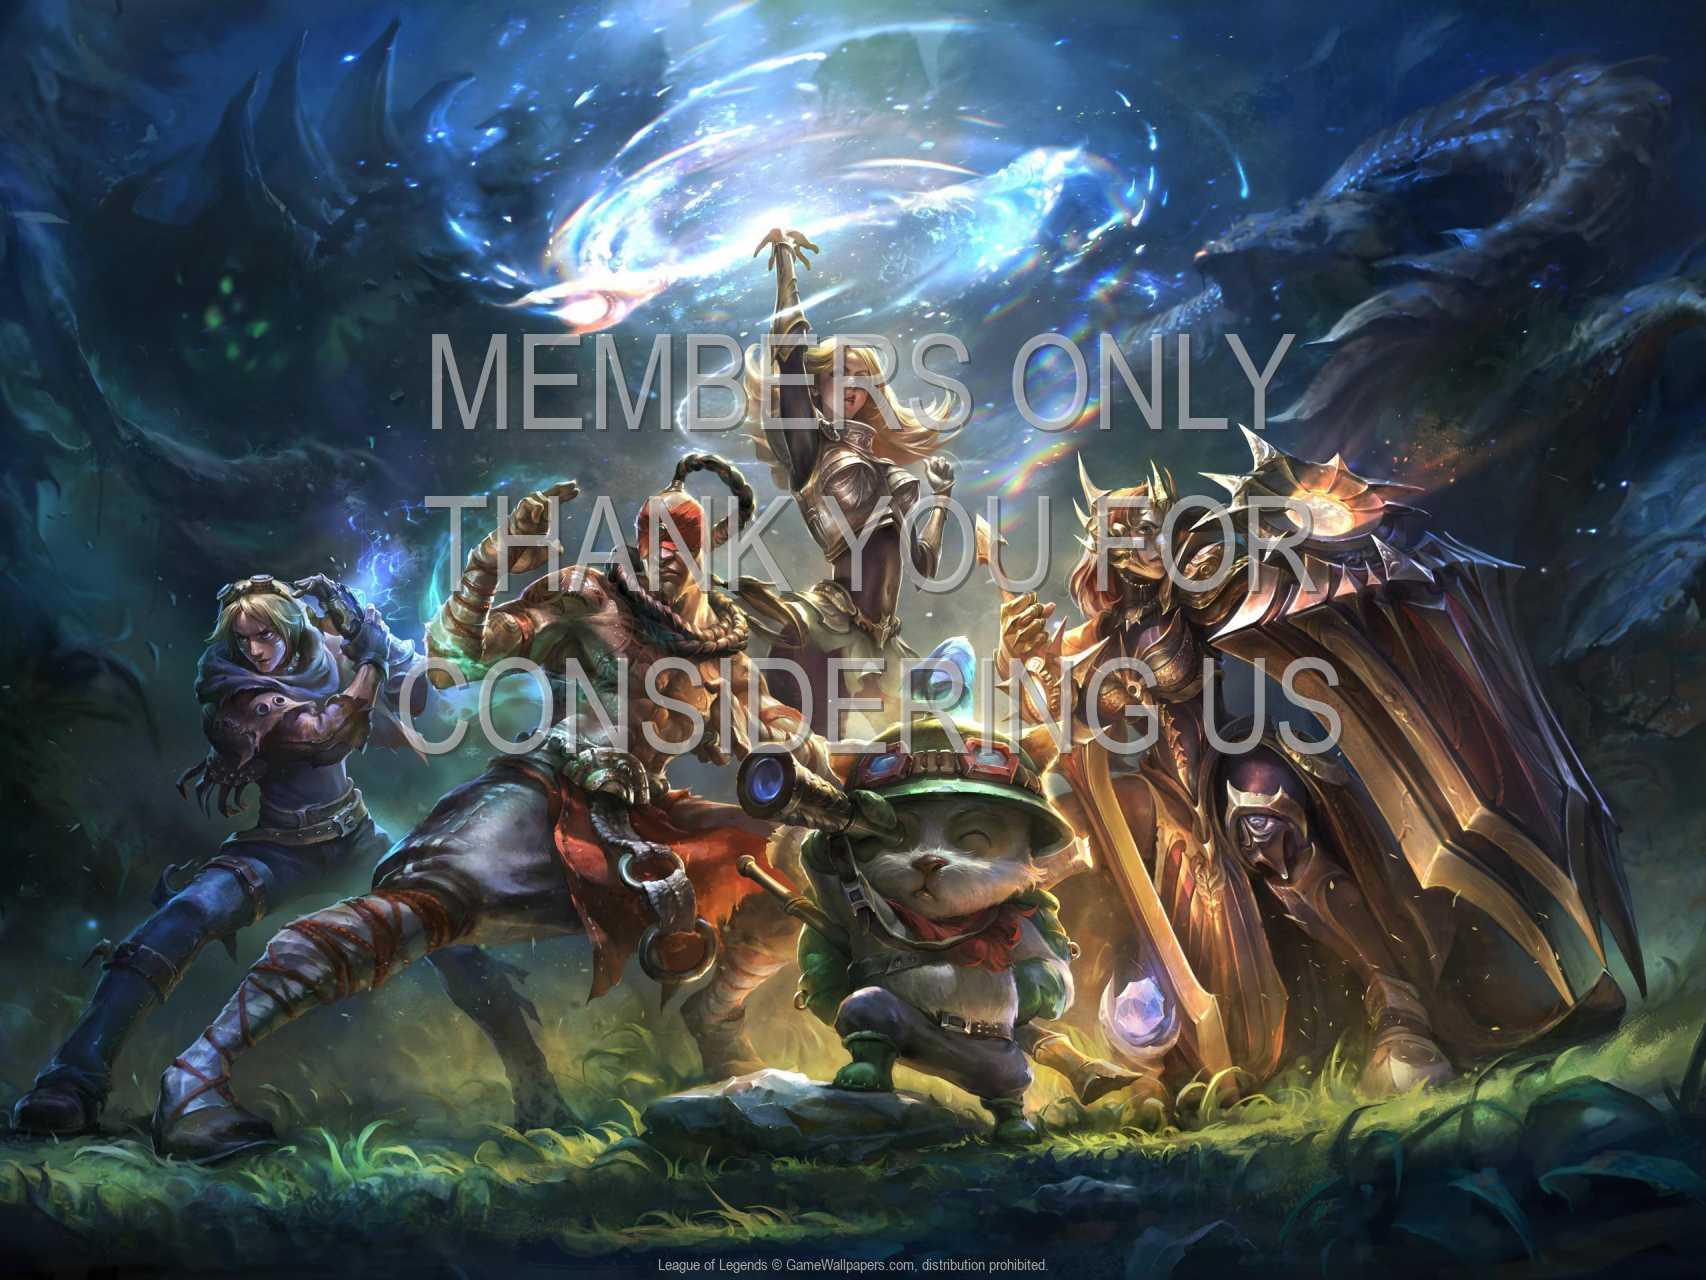 League of Legends 720p Horizontal Móvil fondo de escritorio 20